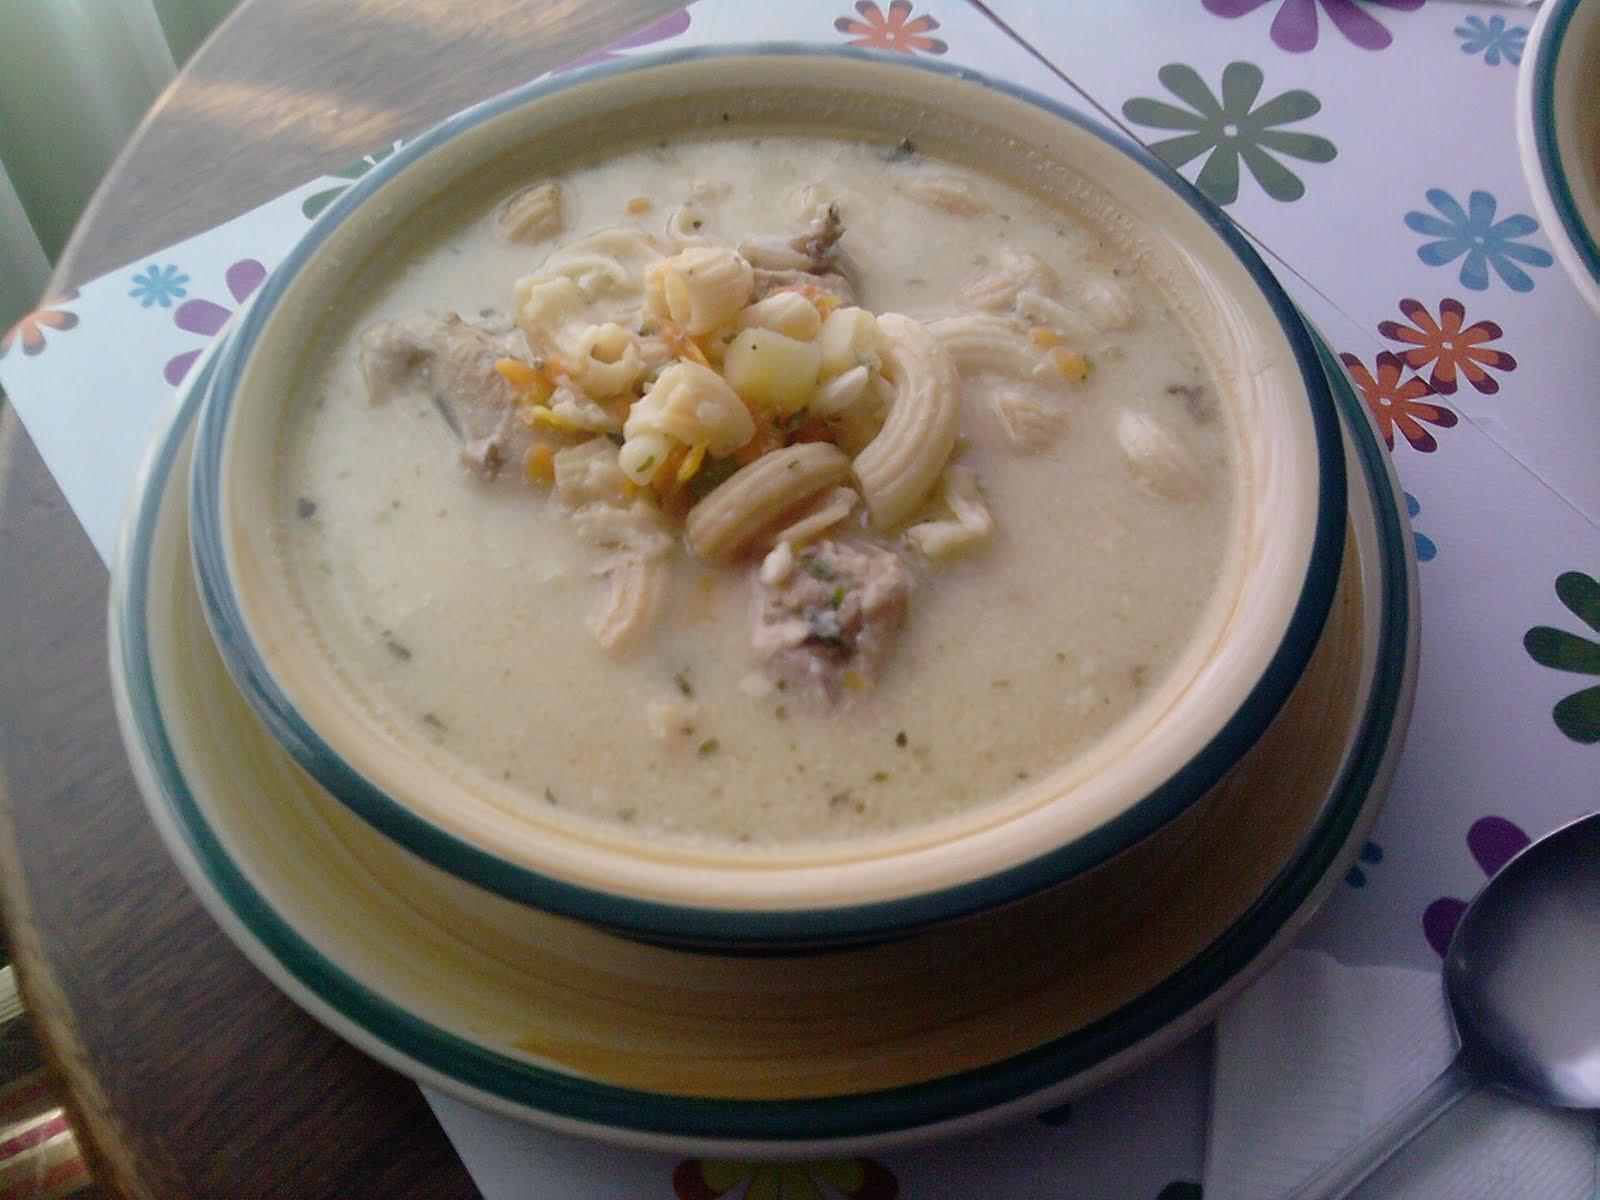 Resultado de imagen para sopa de mani bolivia